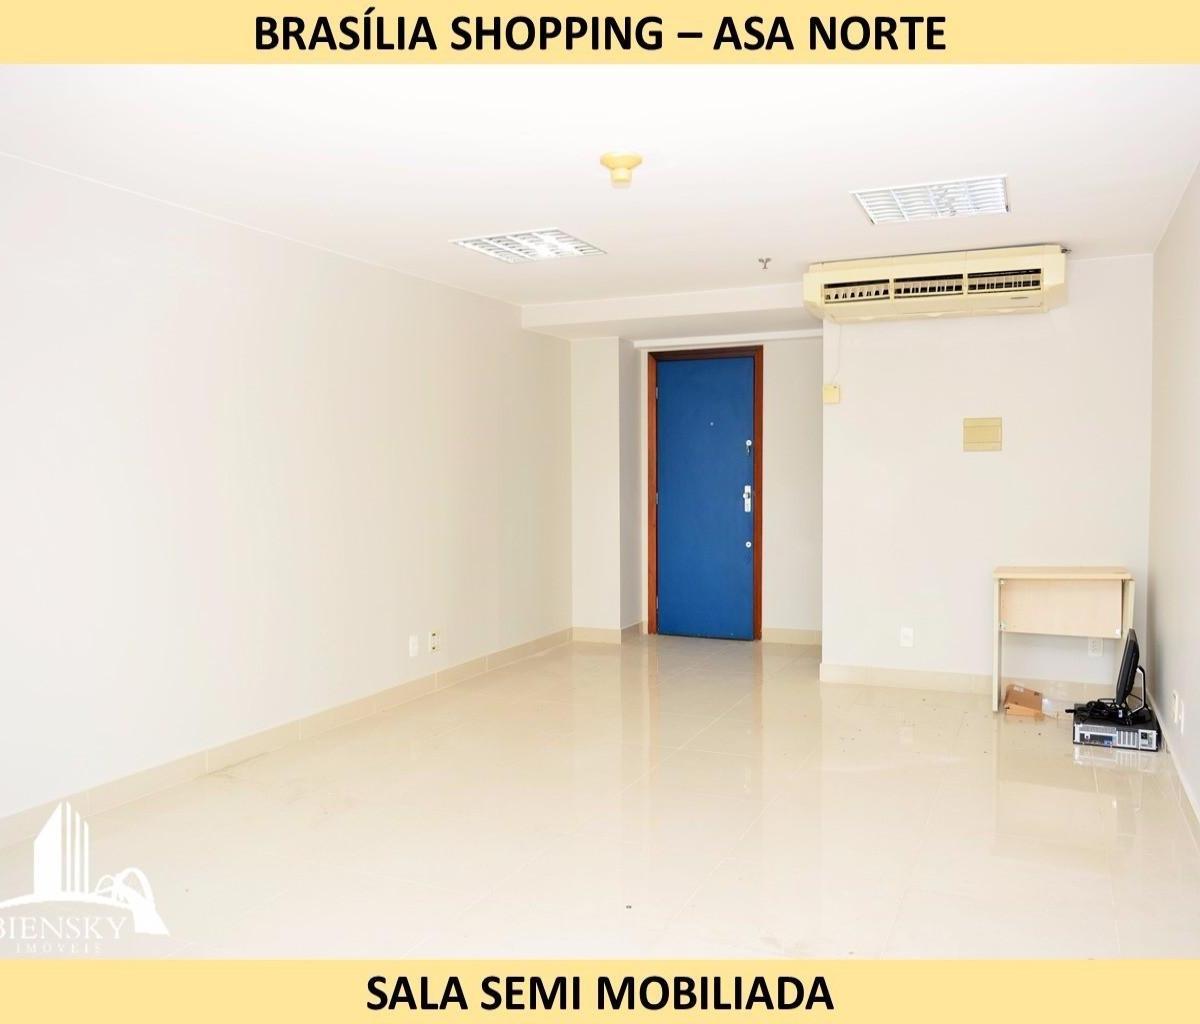 Imagens de #B48B17 Comercial para aluguel com 0 Asa Norte Brasília R$ 1.600 ID  1200x1024 px 3560 Blindex Banheiro Asa Norte